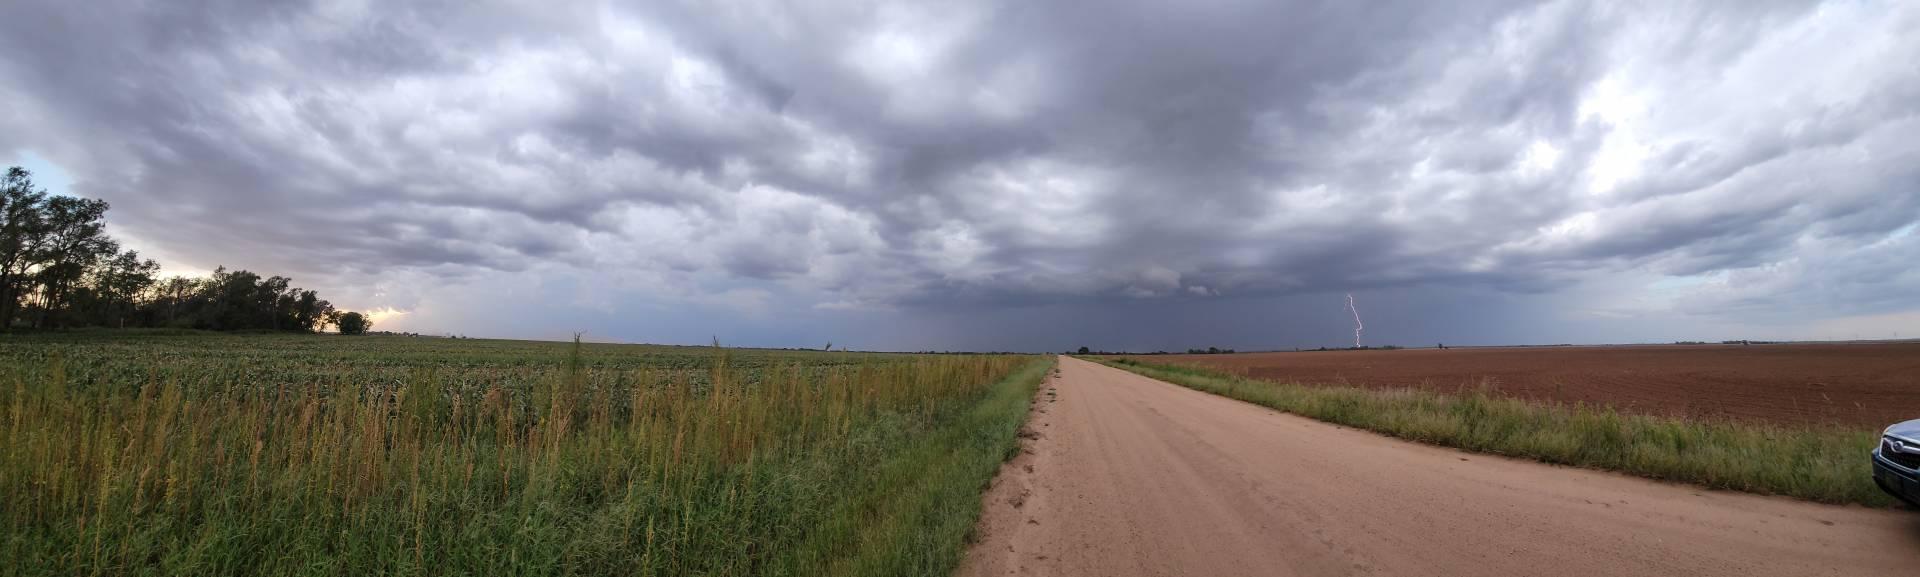 Pano near Danville, Kansas. #kswx